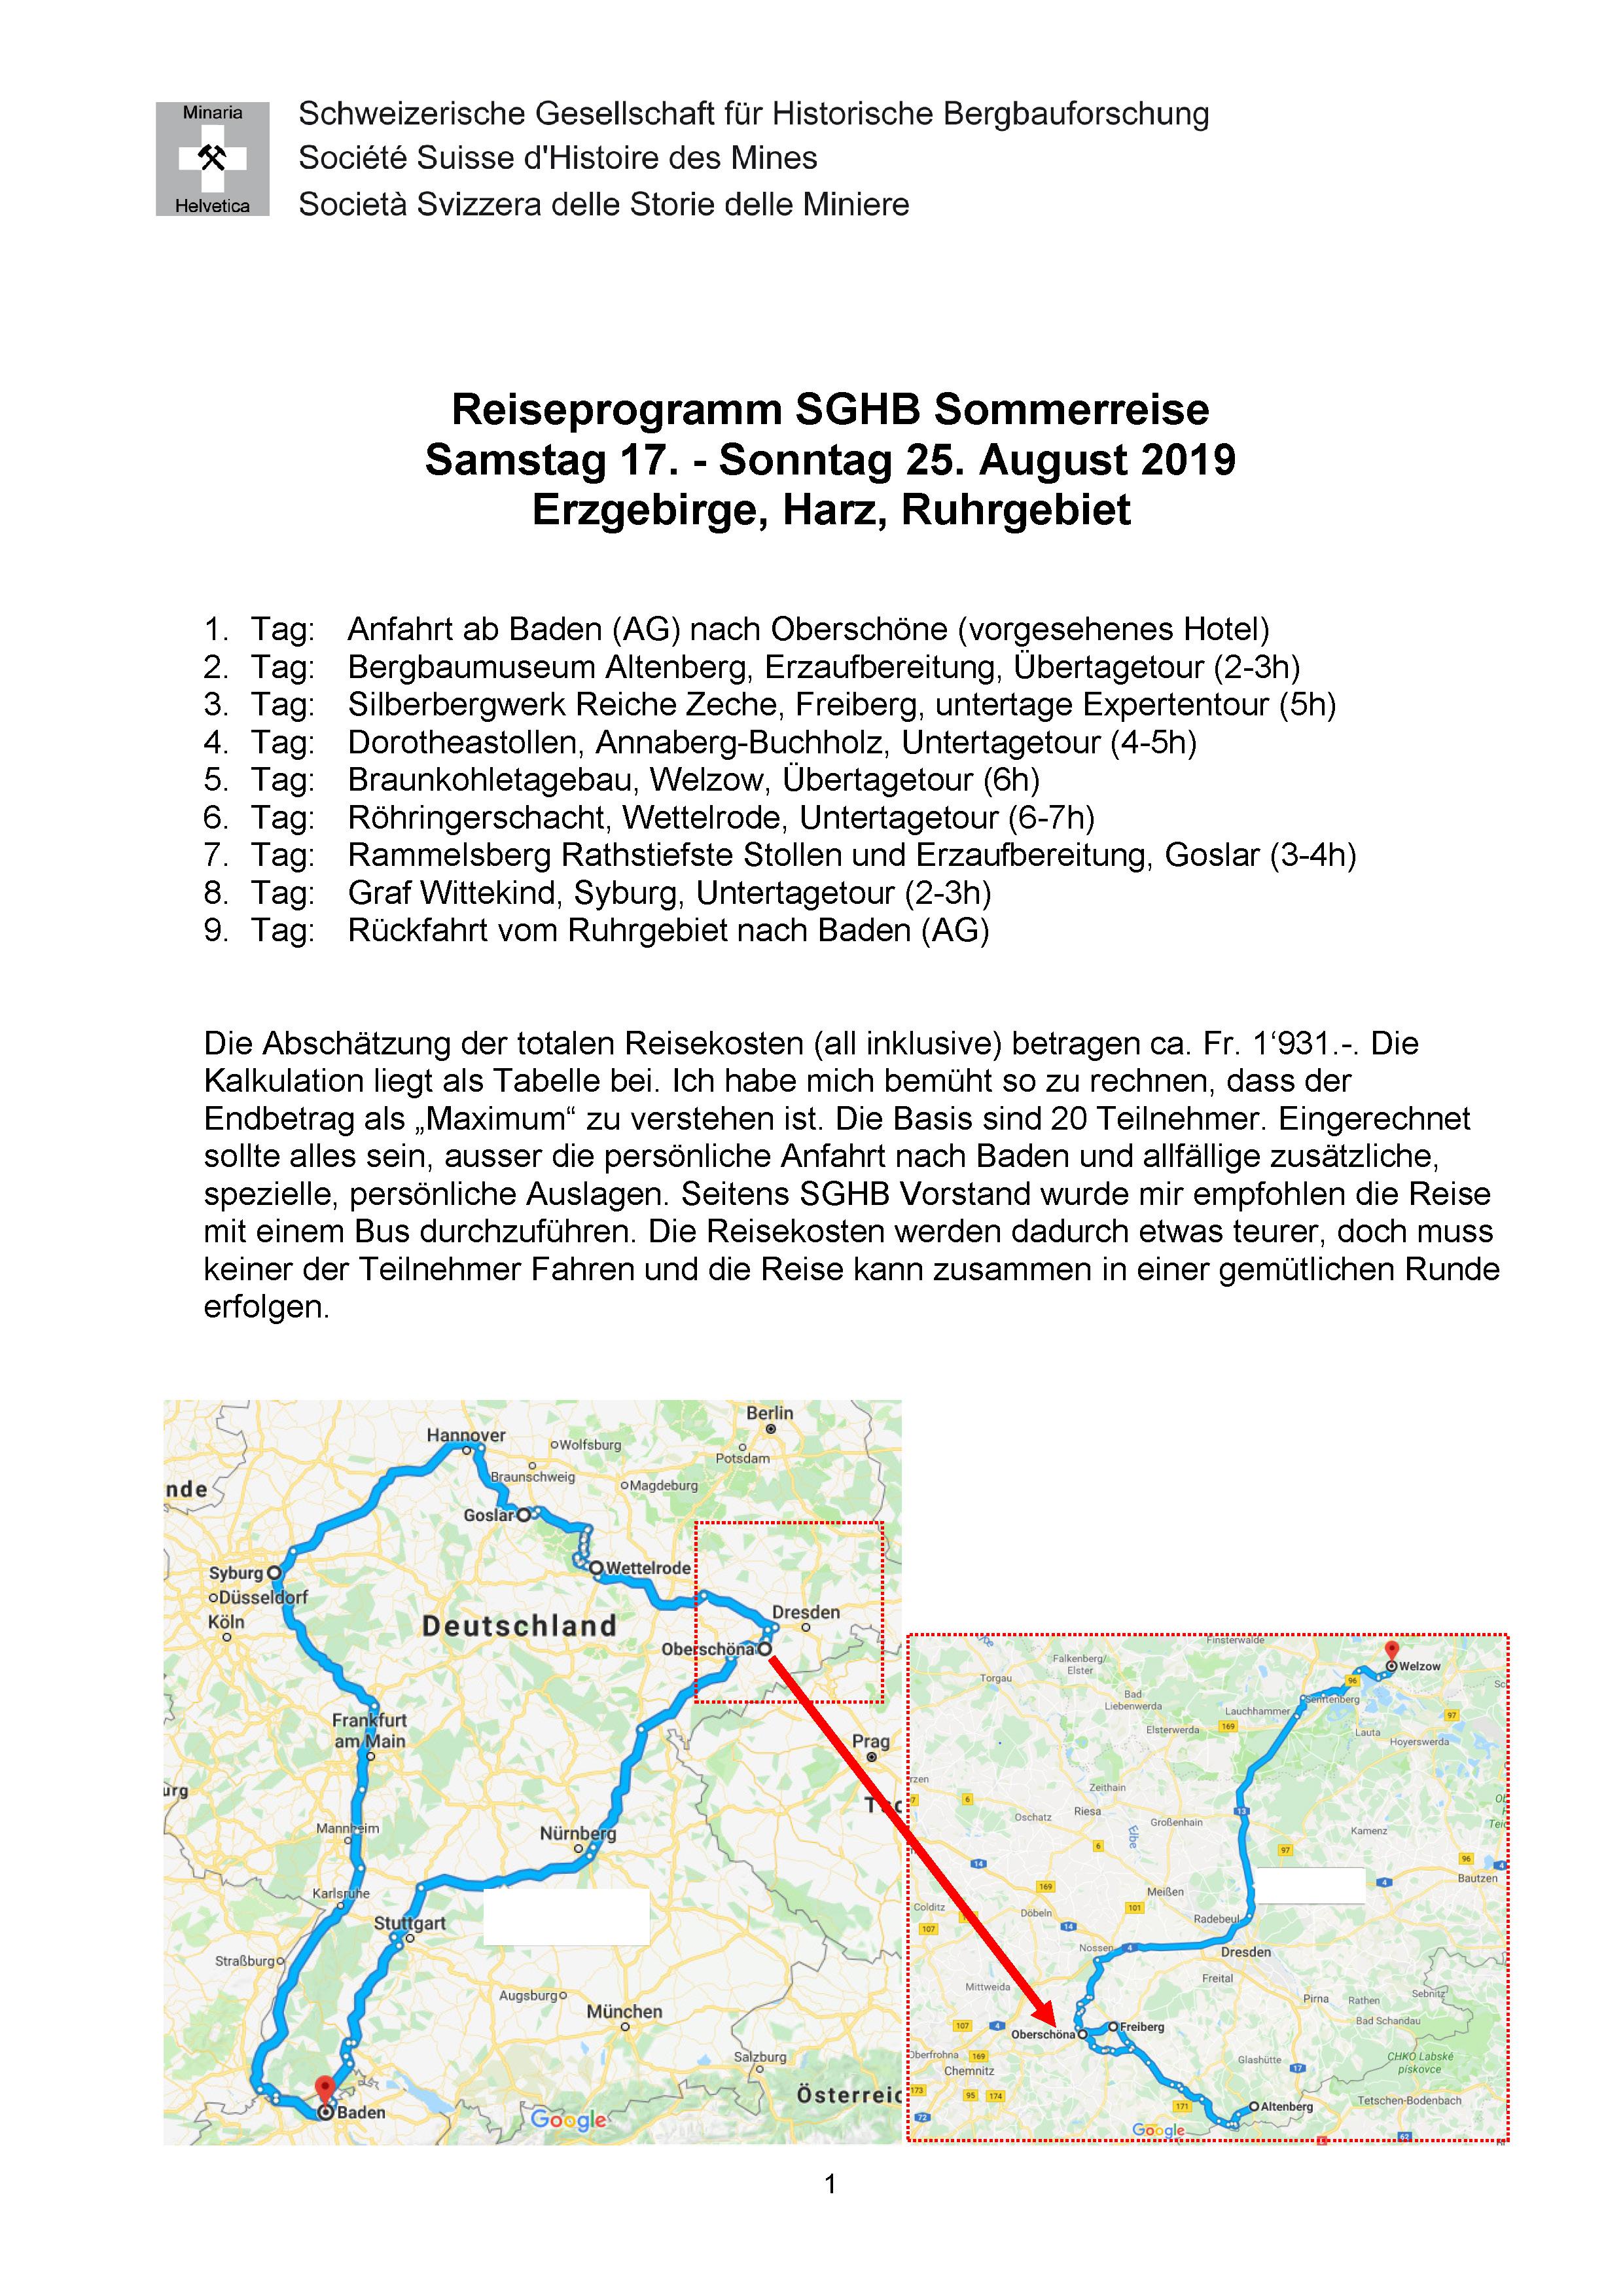 Reiseprogramm_SGHB_Sommerreise2019_Seite_1